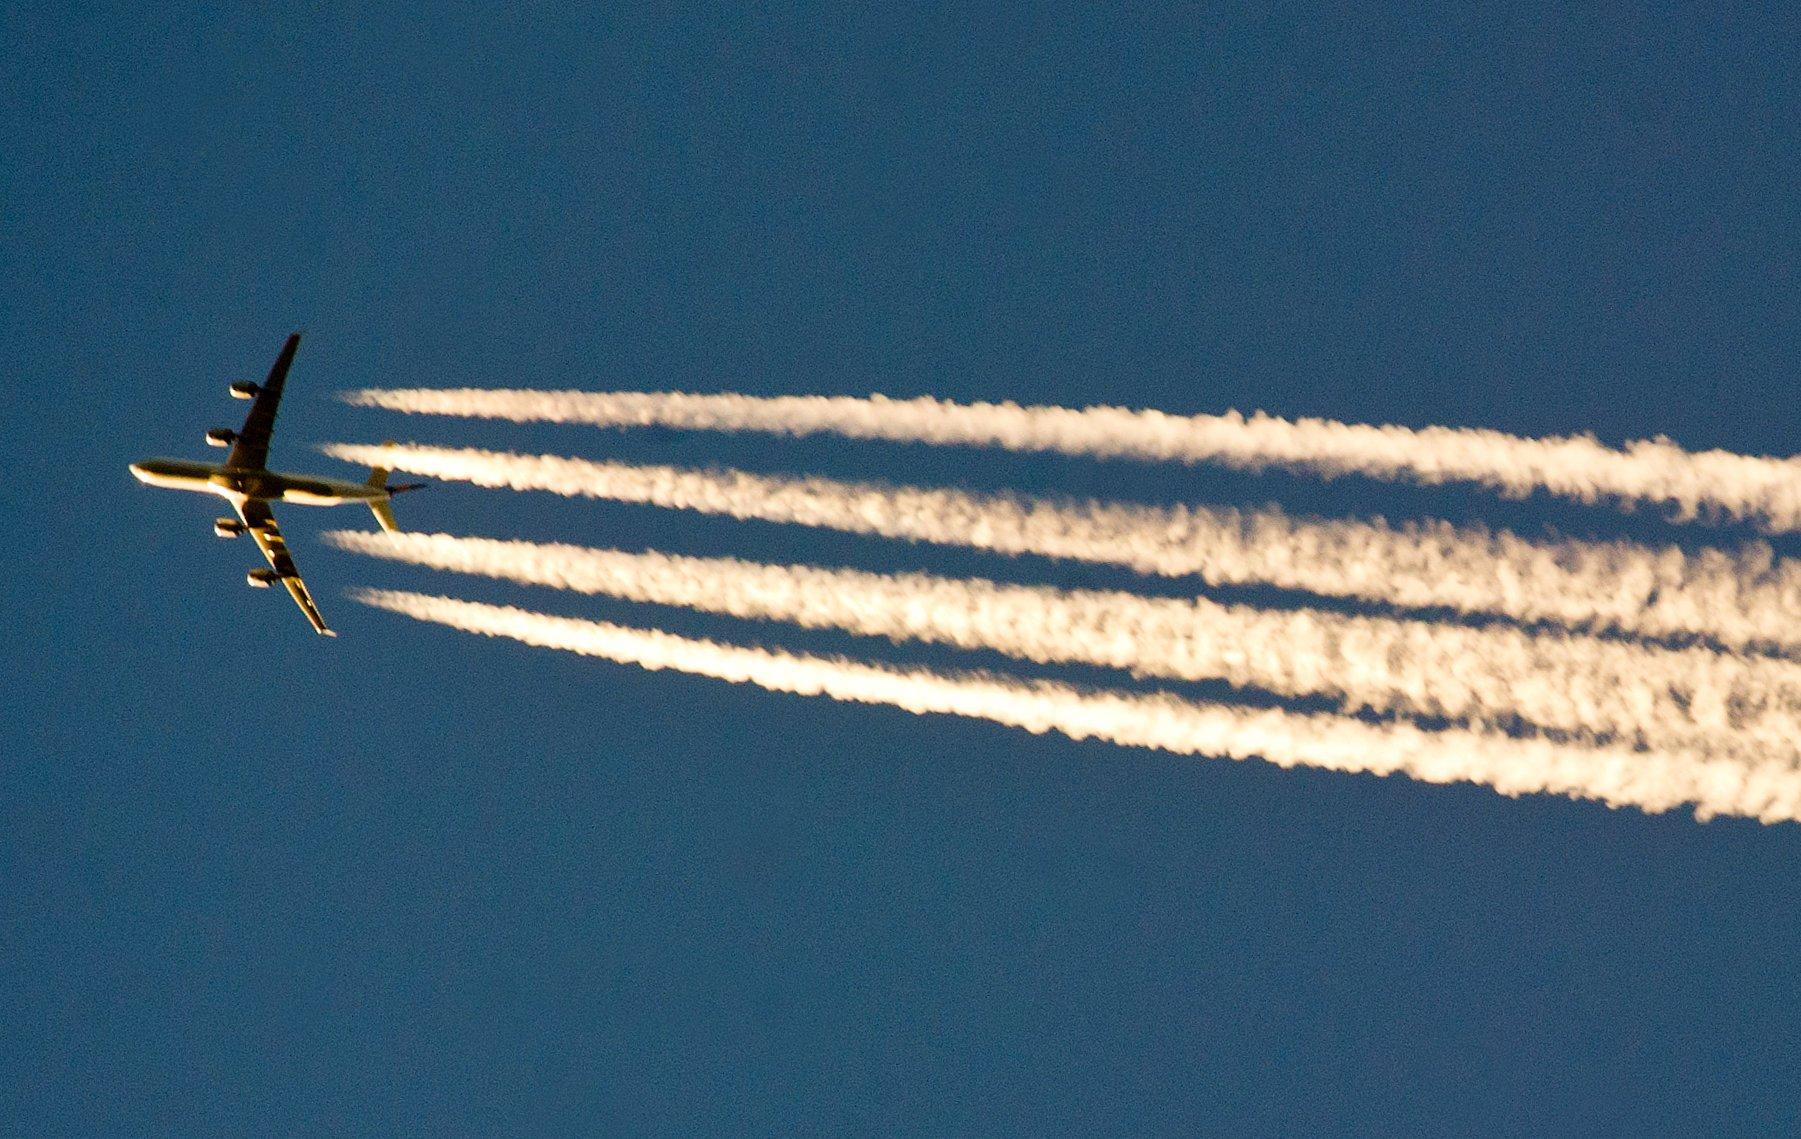 Ein Flugzeug hinterlässt Kondensstreifen am Himmel. Sie entstehen, wenn heiße, wasserdampfhaltige Triebwerksabgase von Luftfahrzeugen auf kalte Luft treffen.